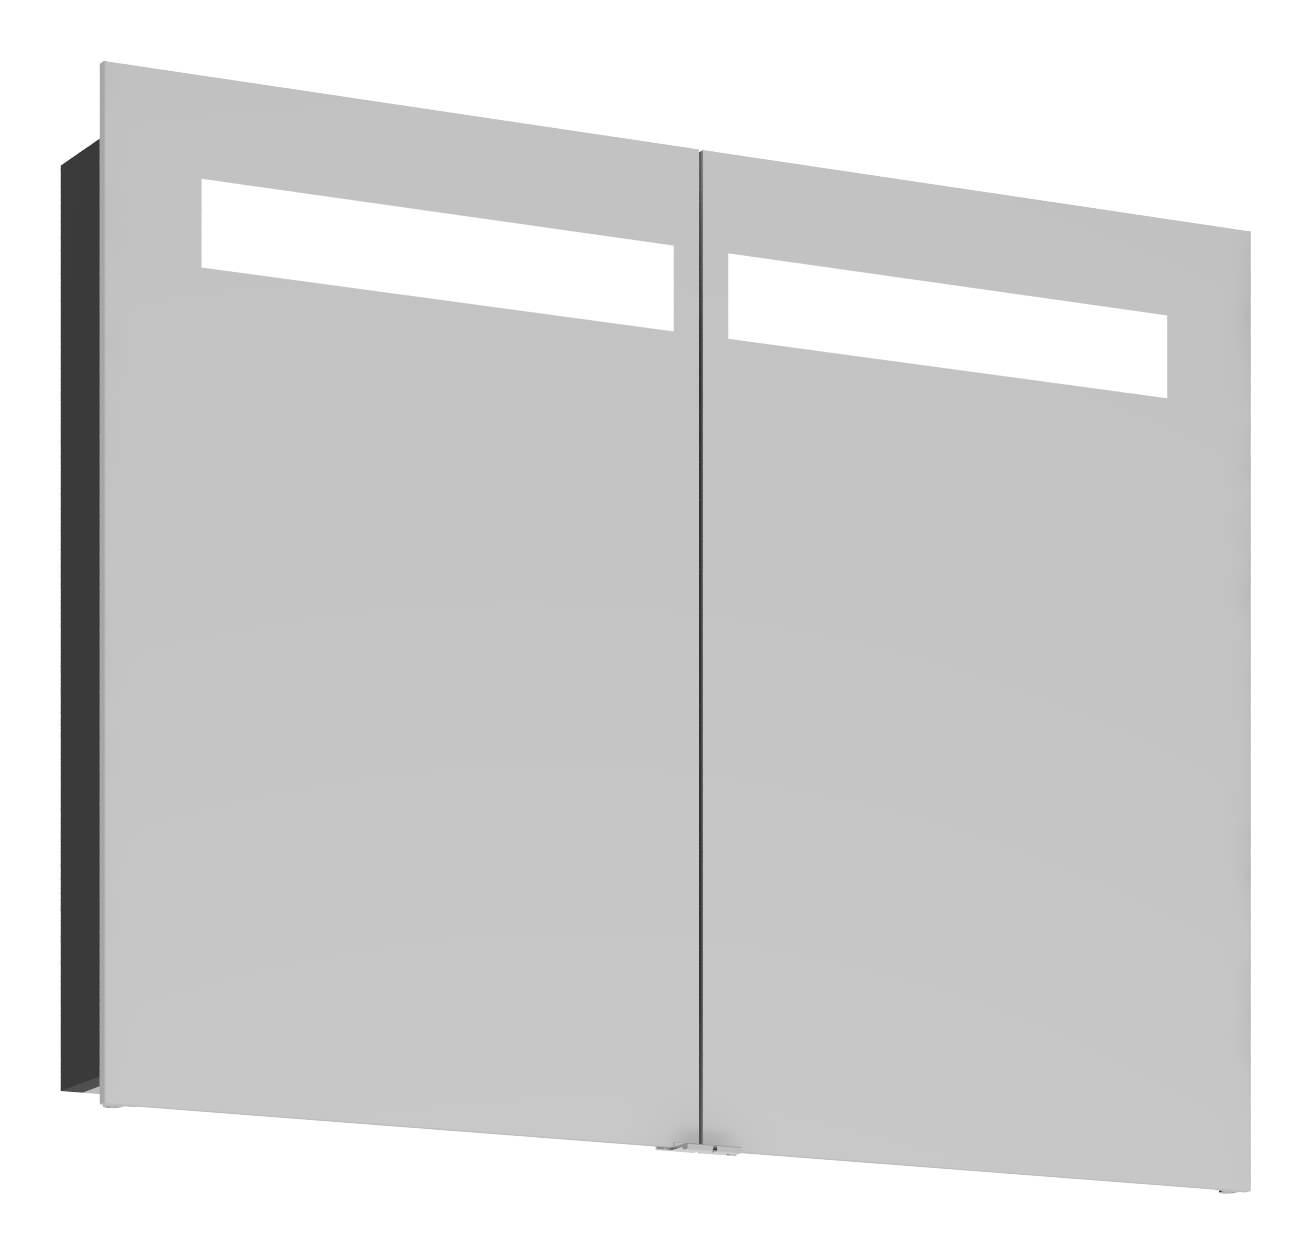 scanbad modern komplettset 90cm mit spiegelschrank. Black Bedroom Furniture Sets. Home Design Ideas